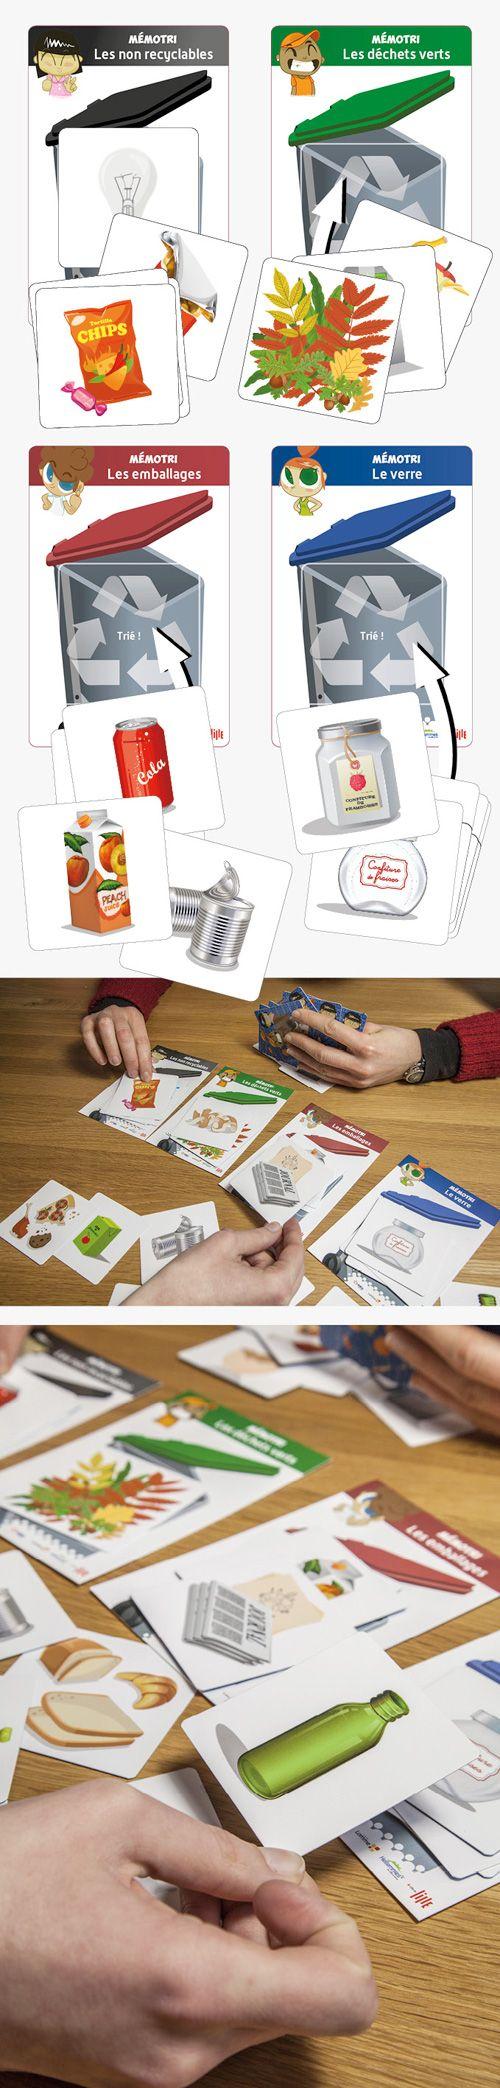 Ville de Lille / Dalkia : jeu pédagogique de sensibilisation au tri des déchets pour l'école de la forêt de Phalempin © Sous Tous les Angles